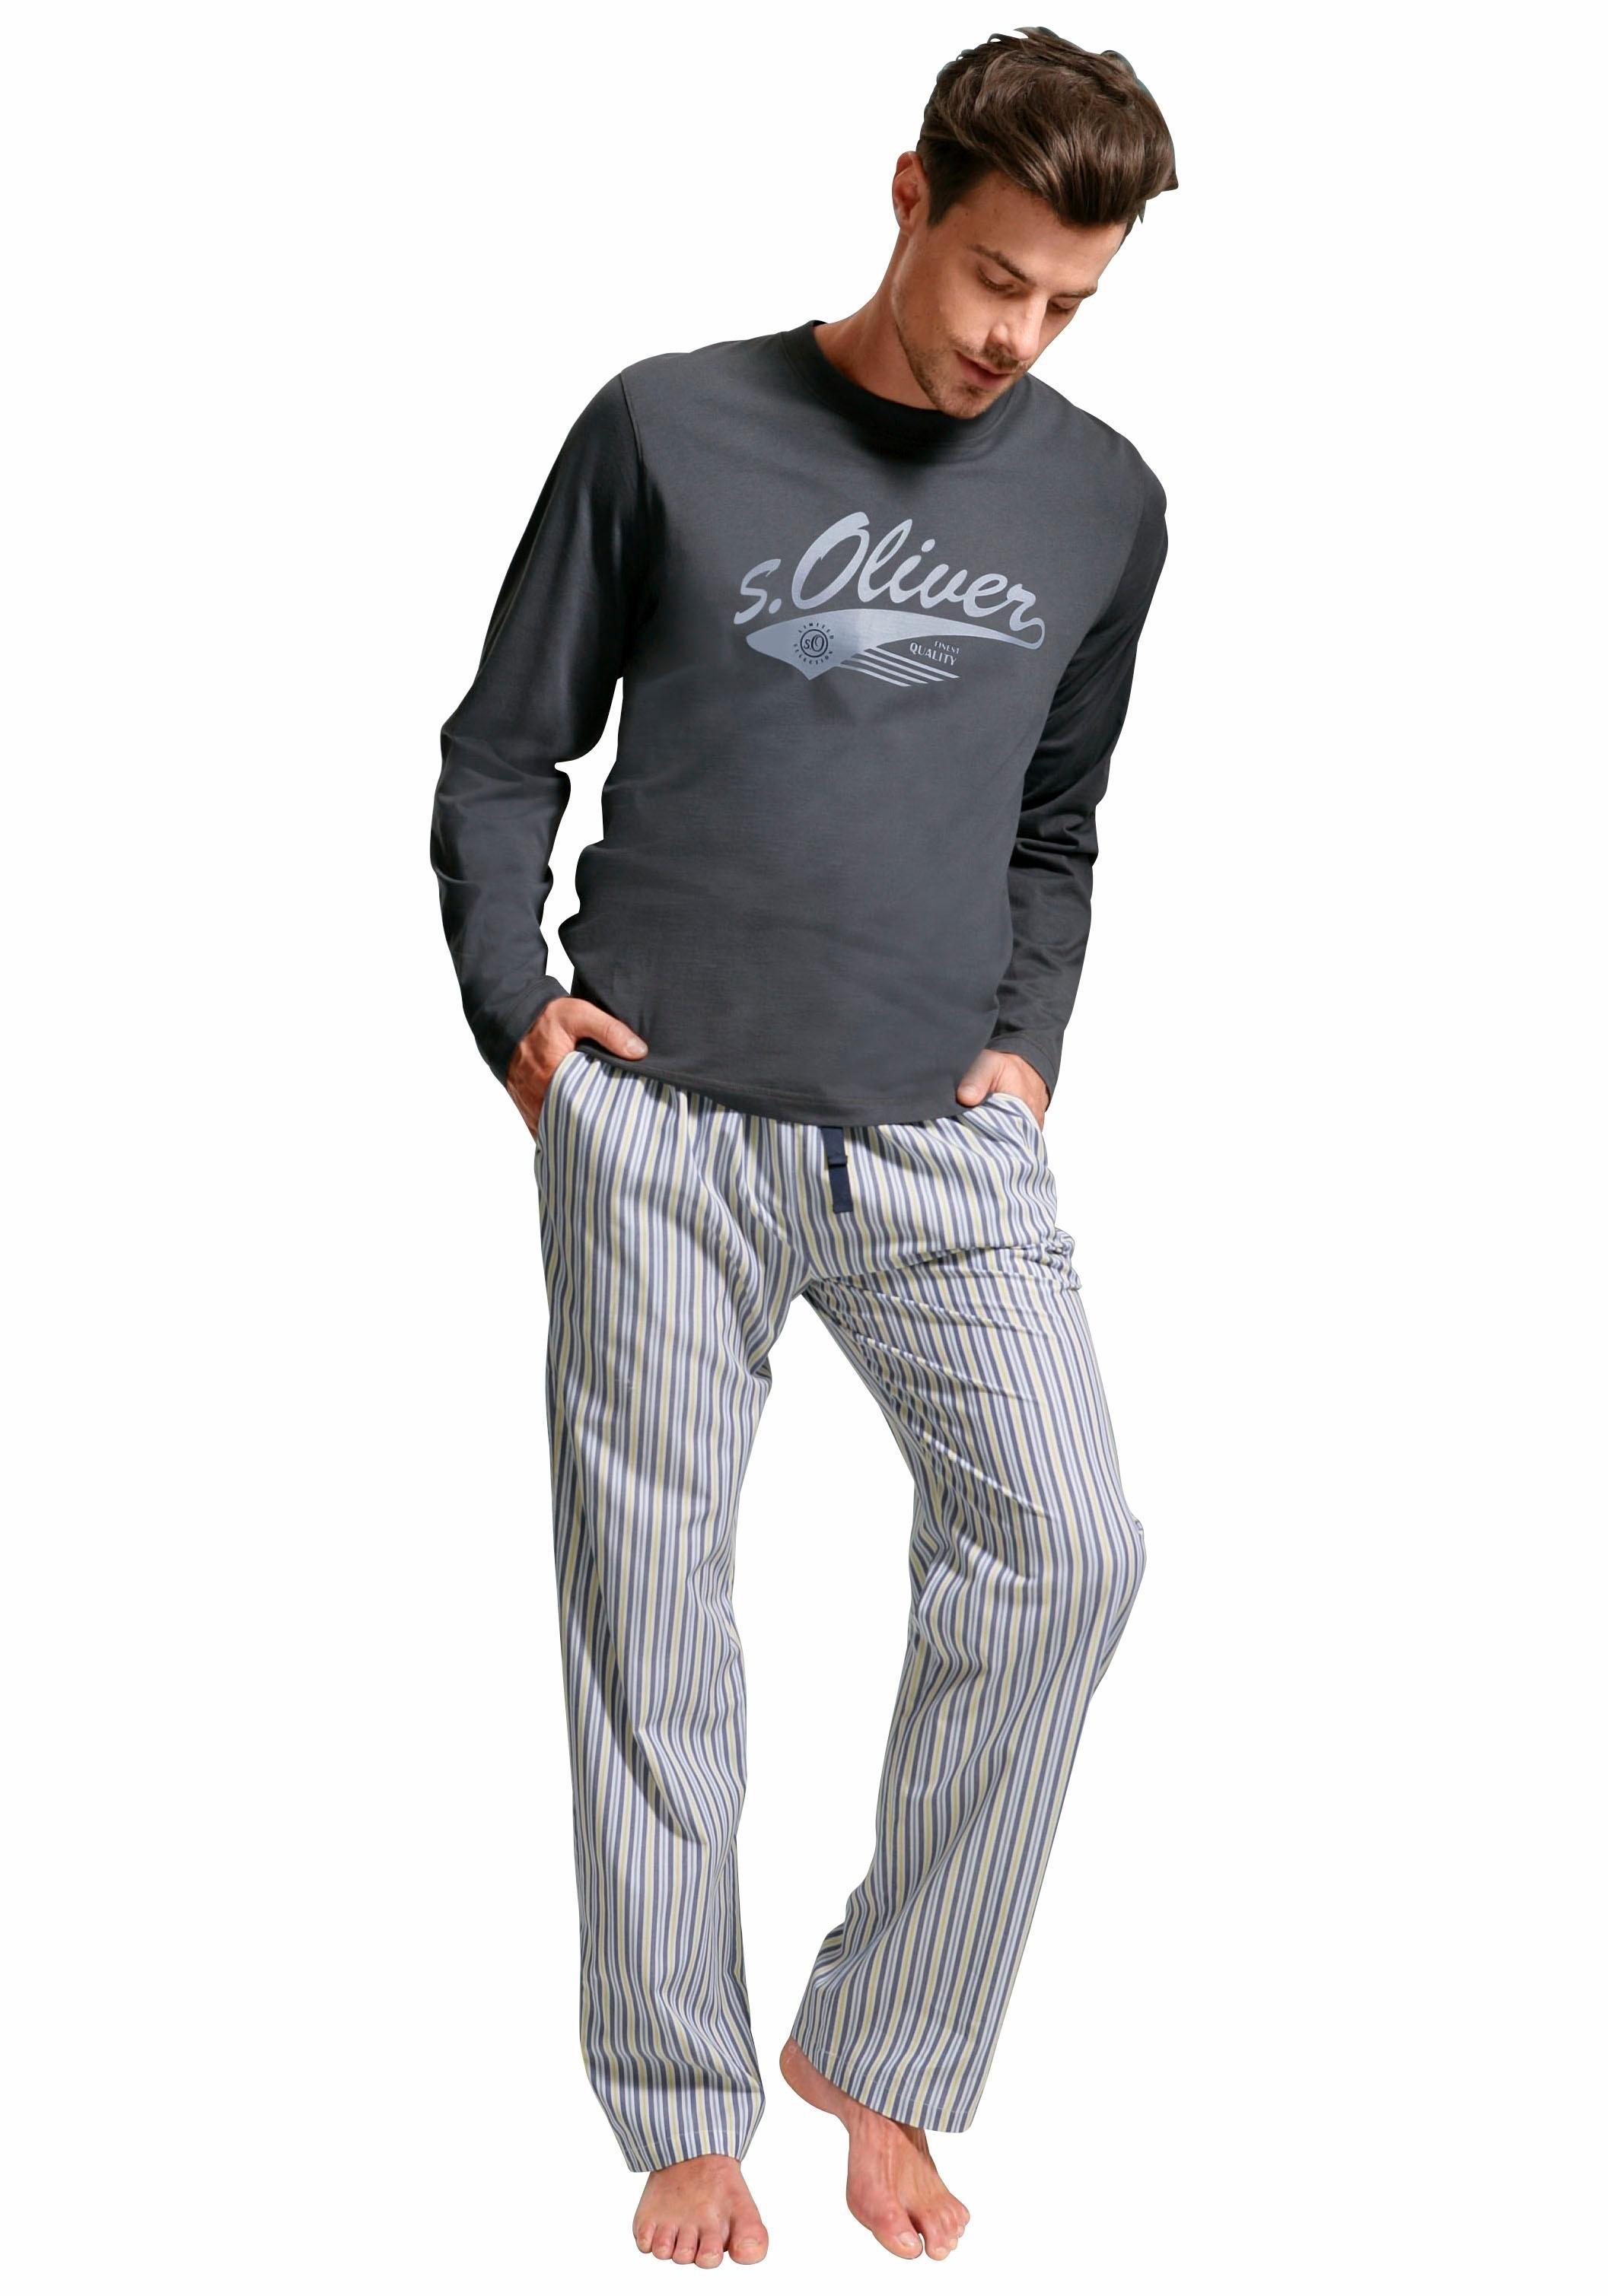 s.Oliver RED LABEL pyjama, lang nu online kopen bij OTTO